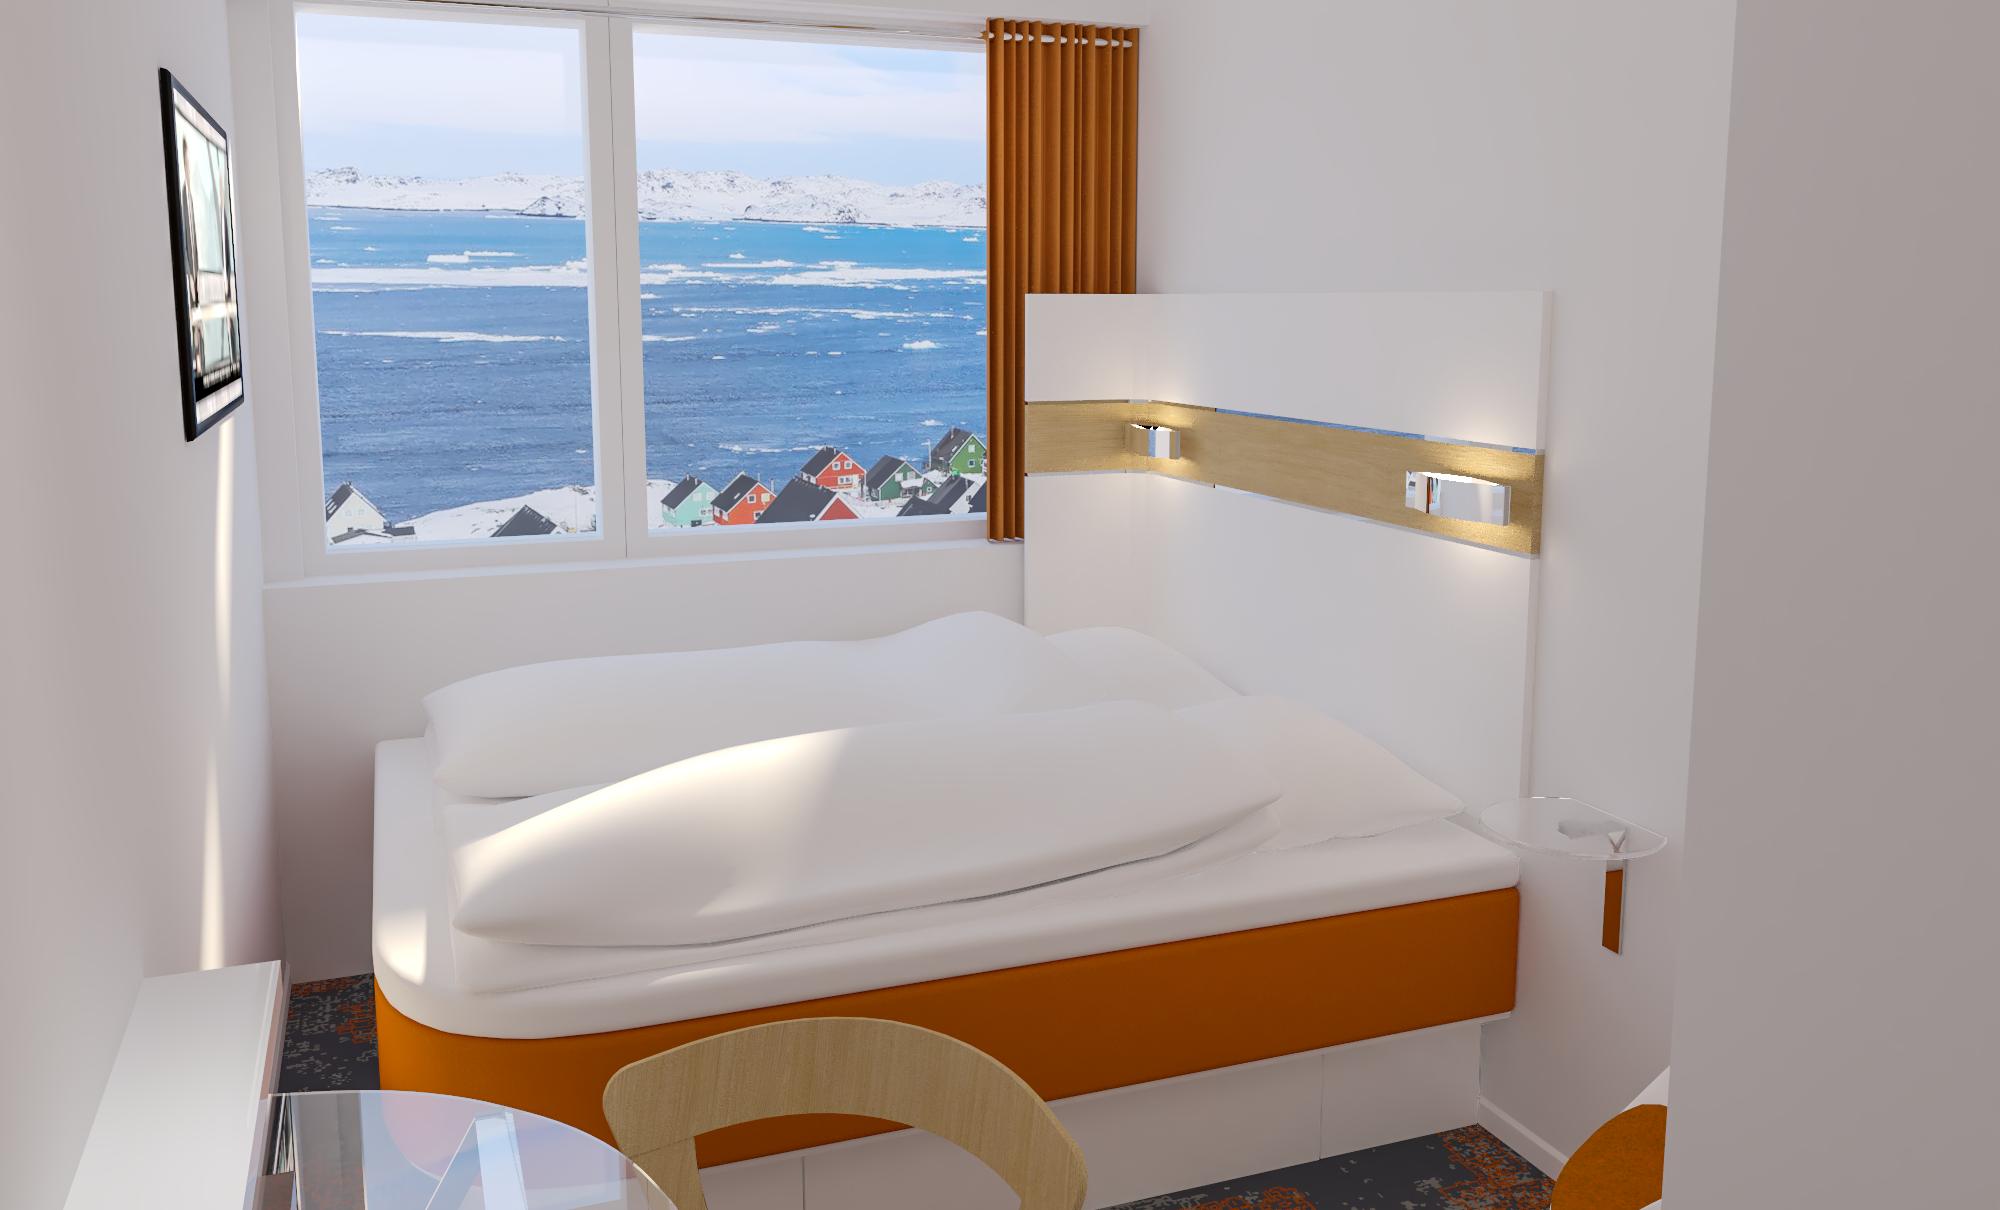 Budgethotellet HHE Express, der åbner i Nuuk sidst på måneden, har 108 værelser med smuk udsigt over den grønlandske natur. PR-foto.